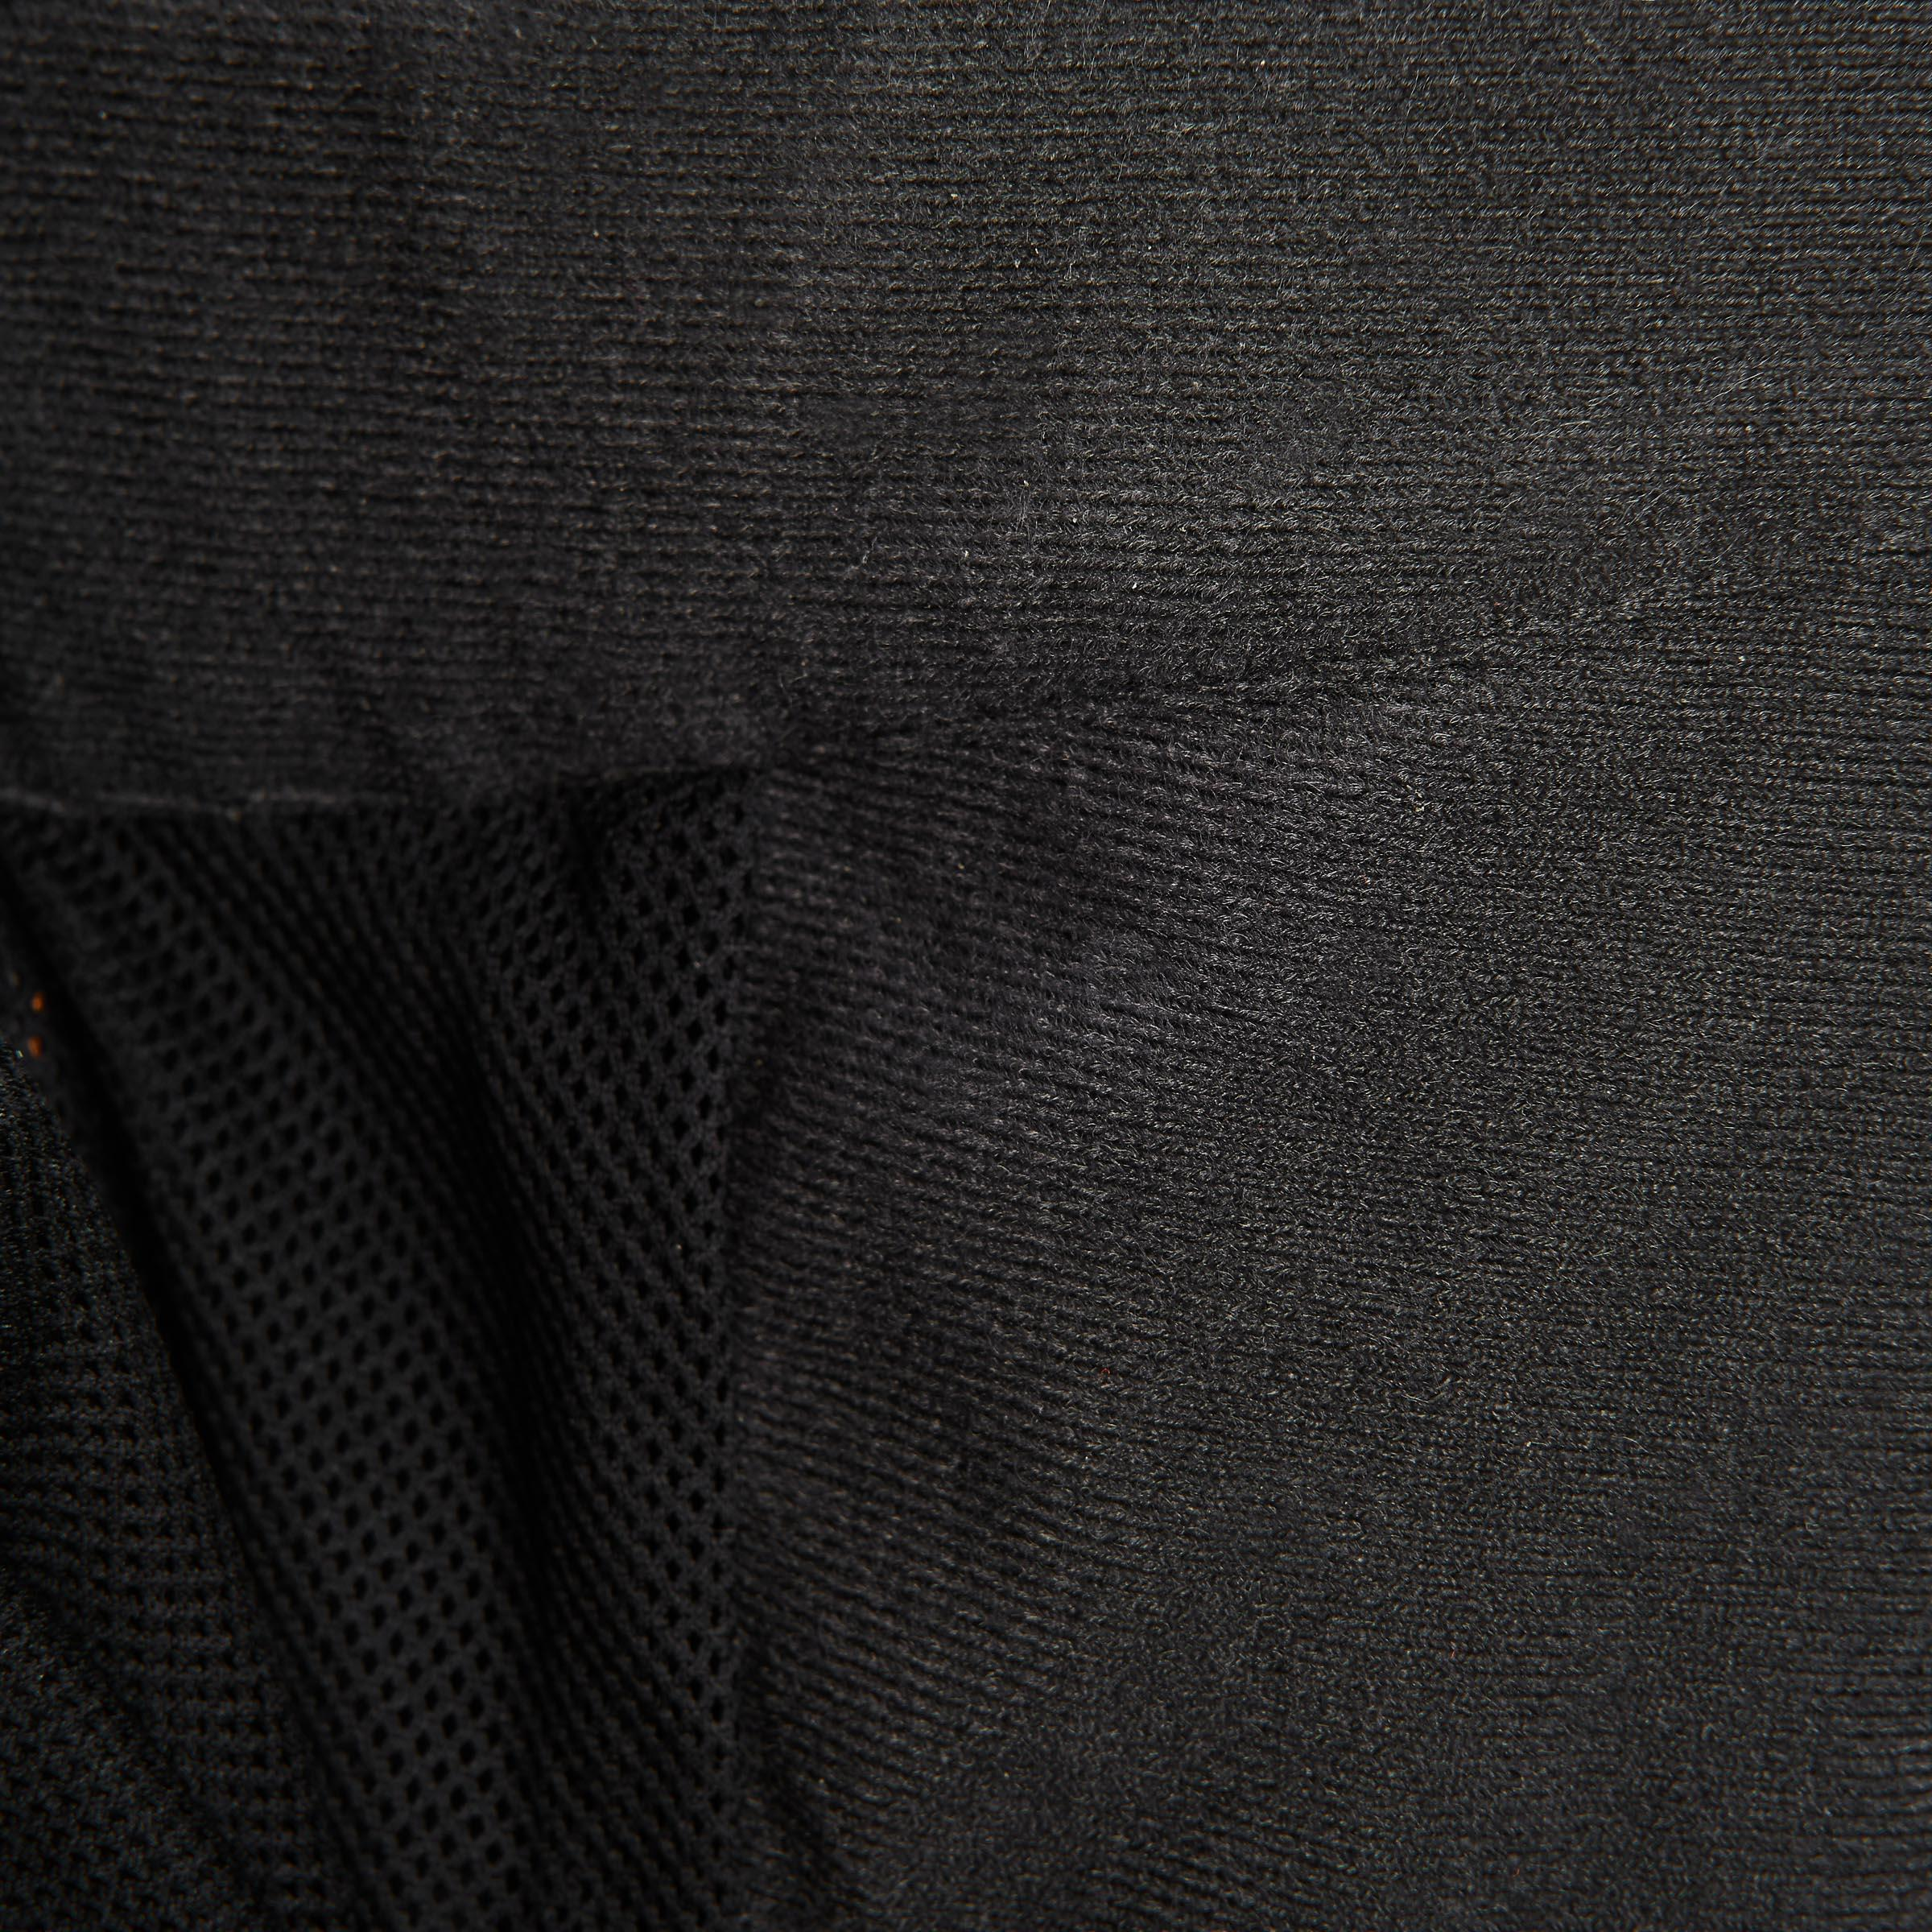 Men's Hiking Rain Pants MH500 (Over-Trousers) - Black